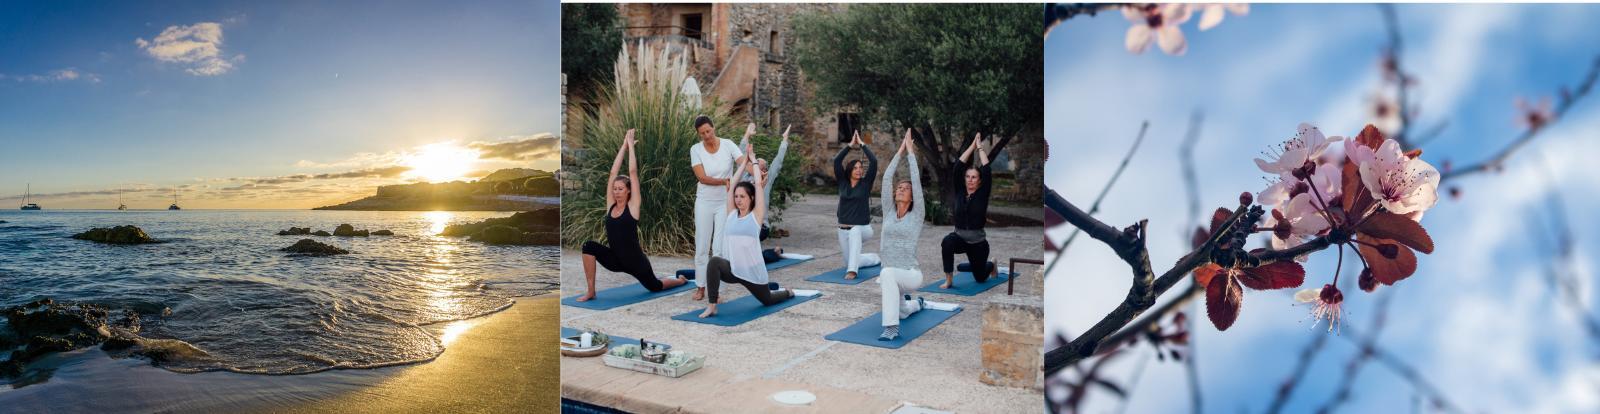 mallorca-event-yoga